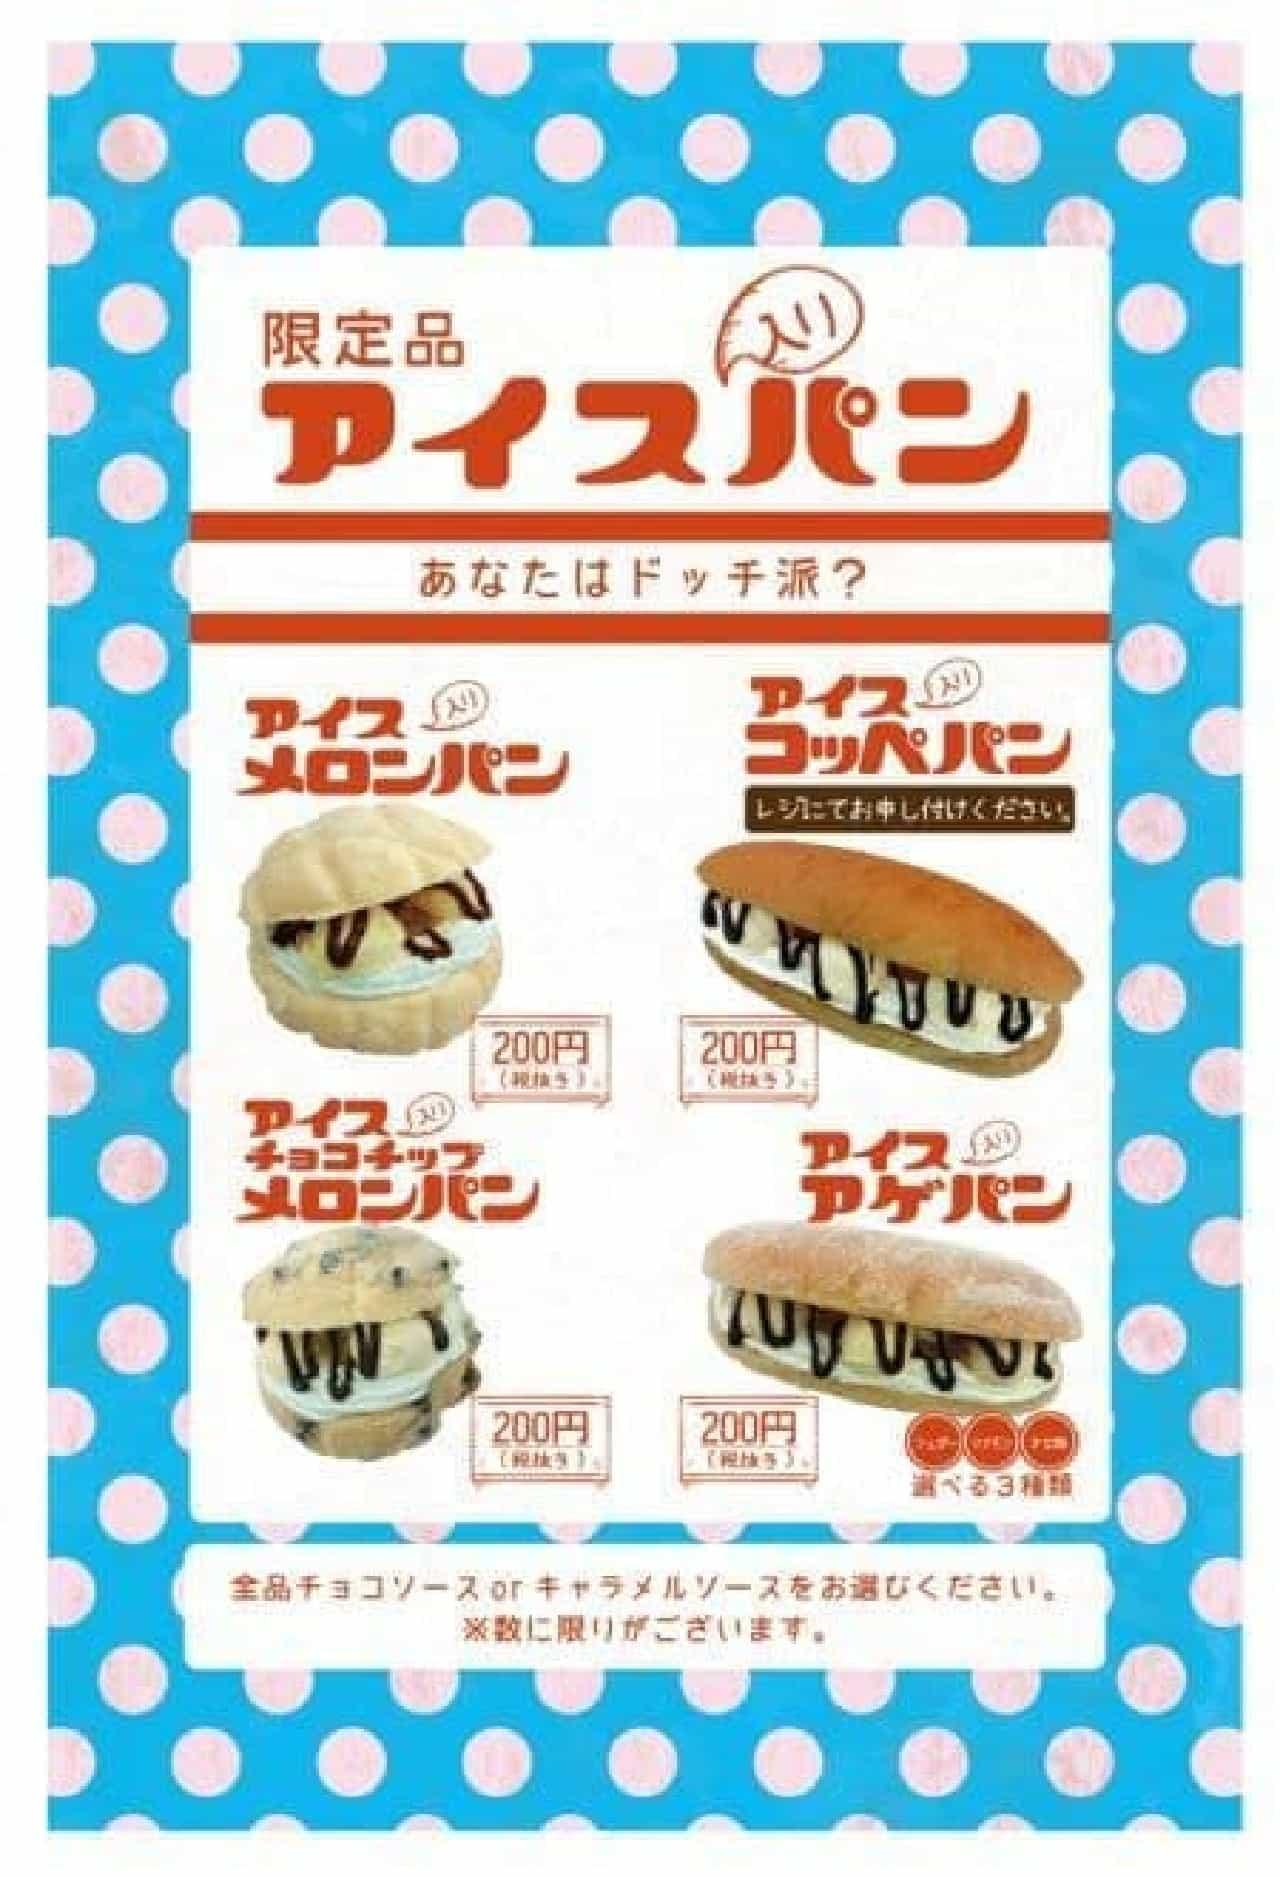 アイス入りパンはバニラアイスクリームとホイップクリームがサンドされたパン